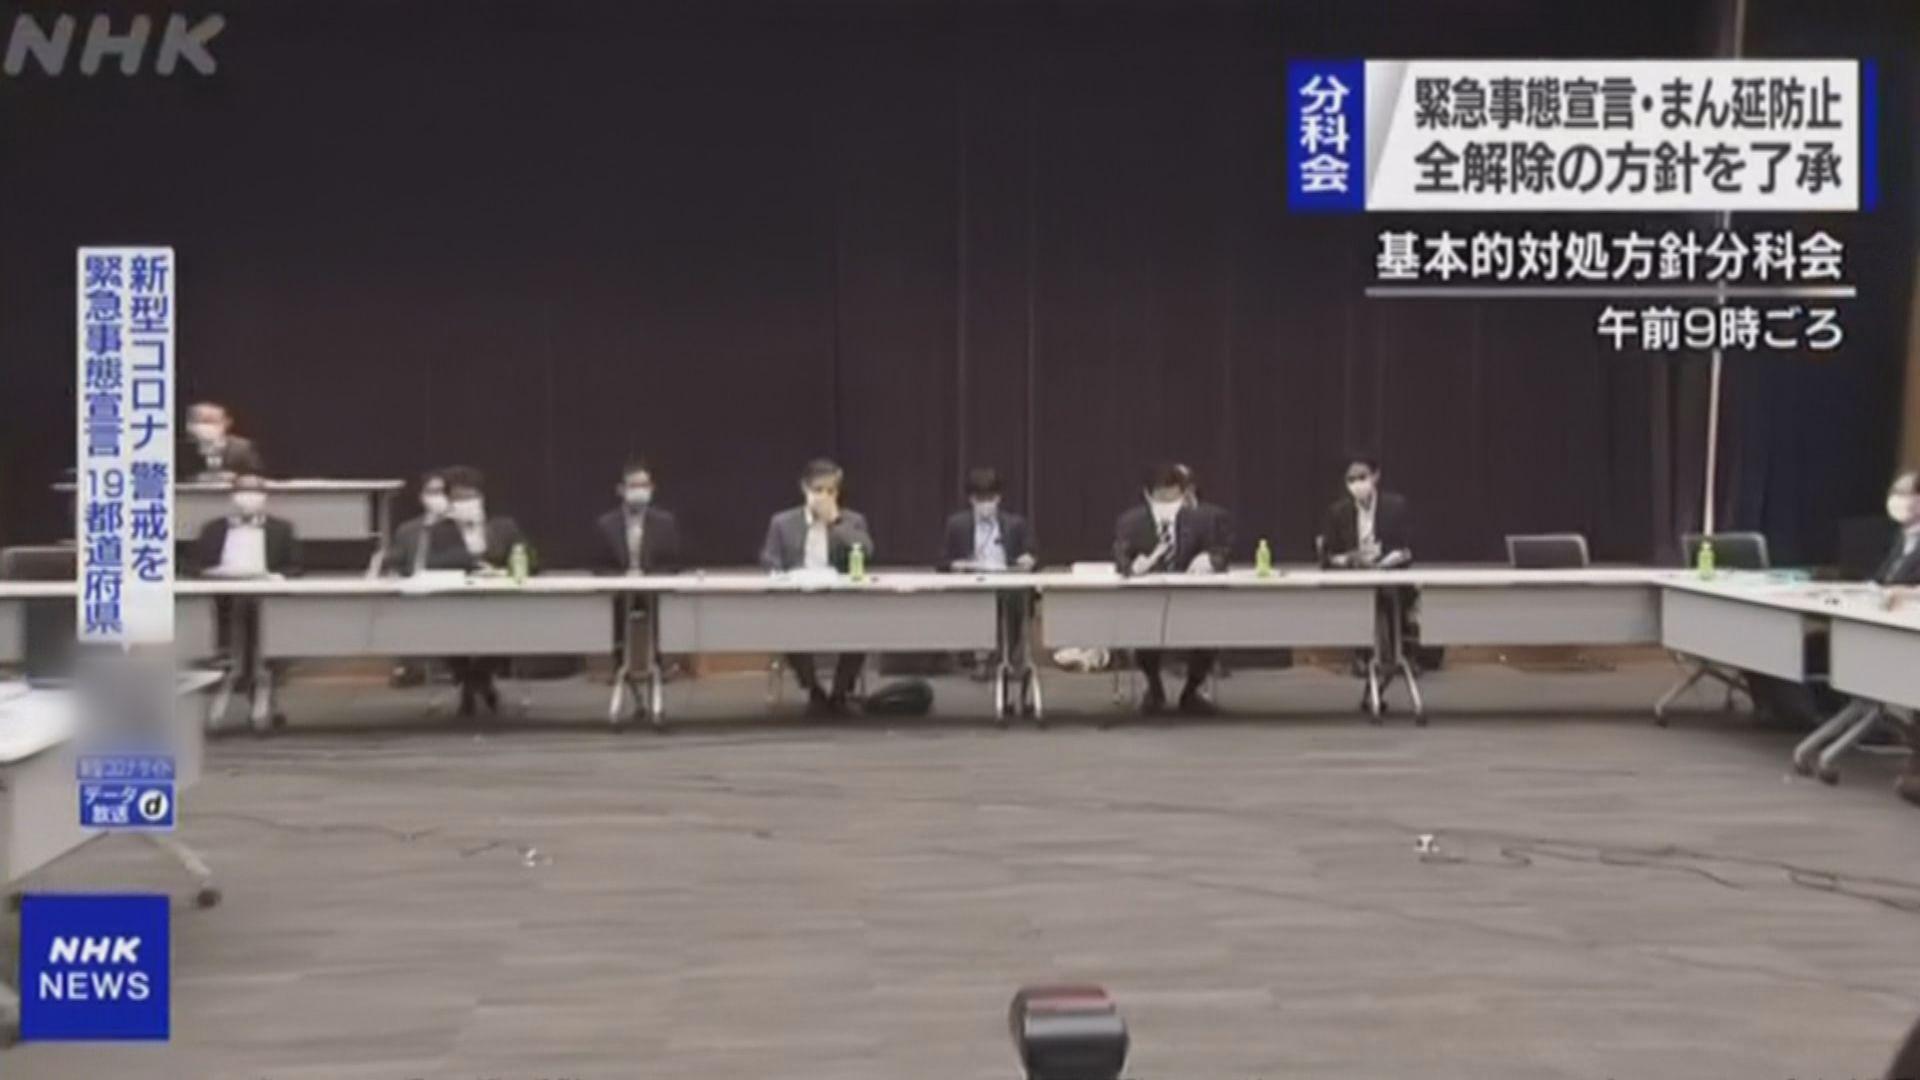 日本將全面解除緊急事態宣言及防止蔓延等重點措施